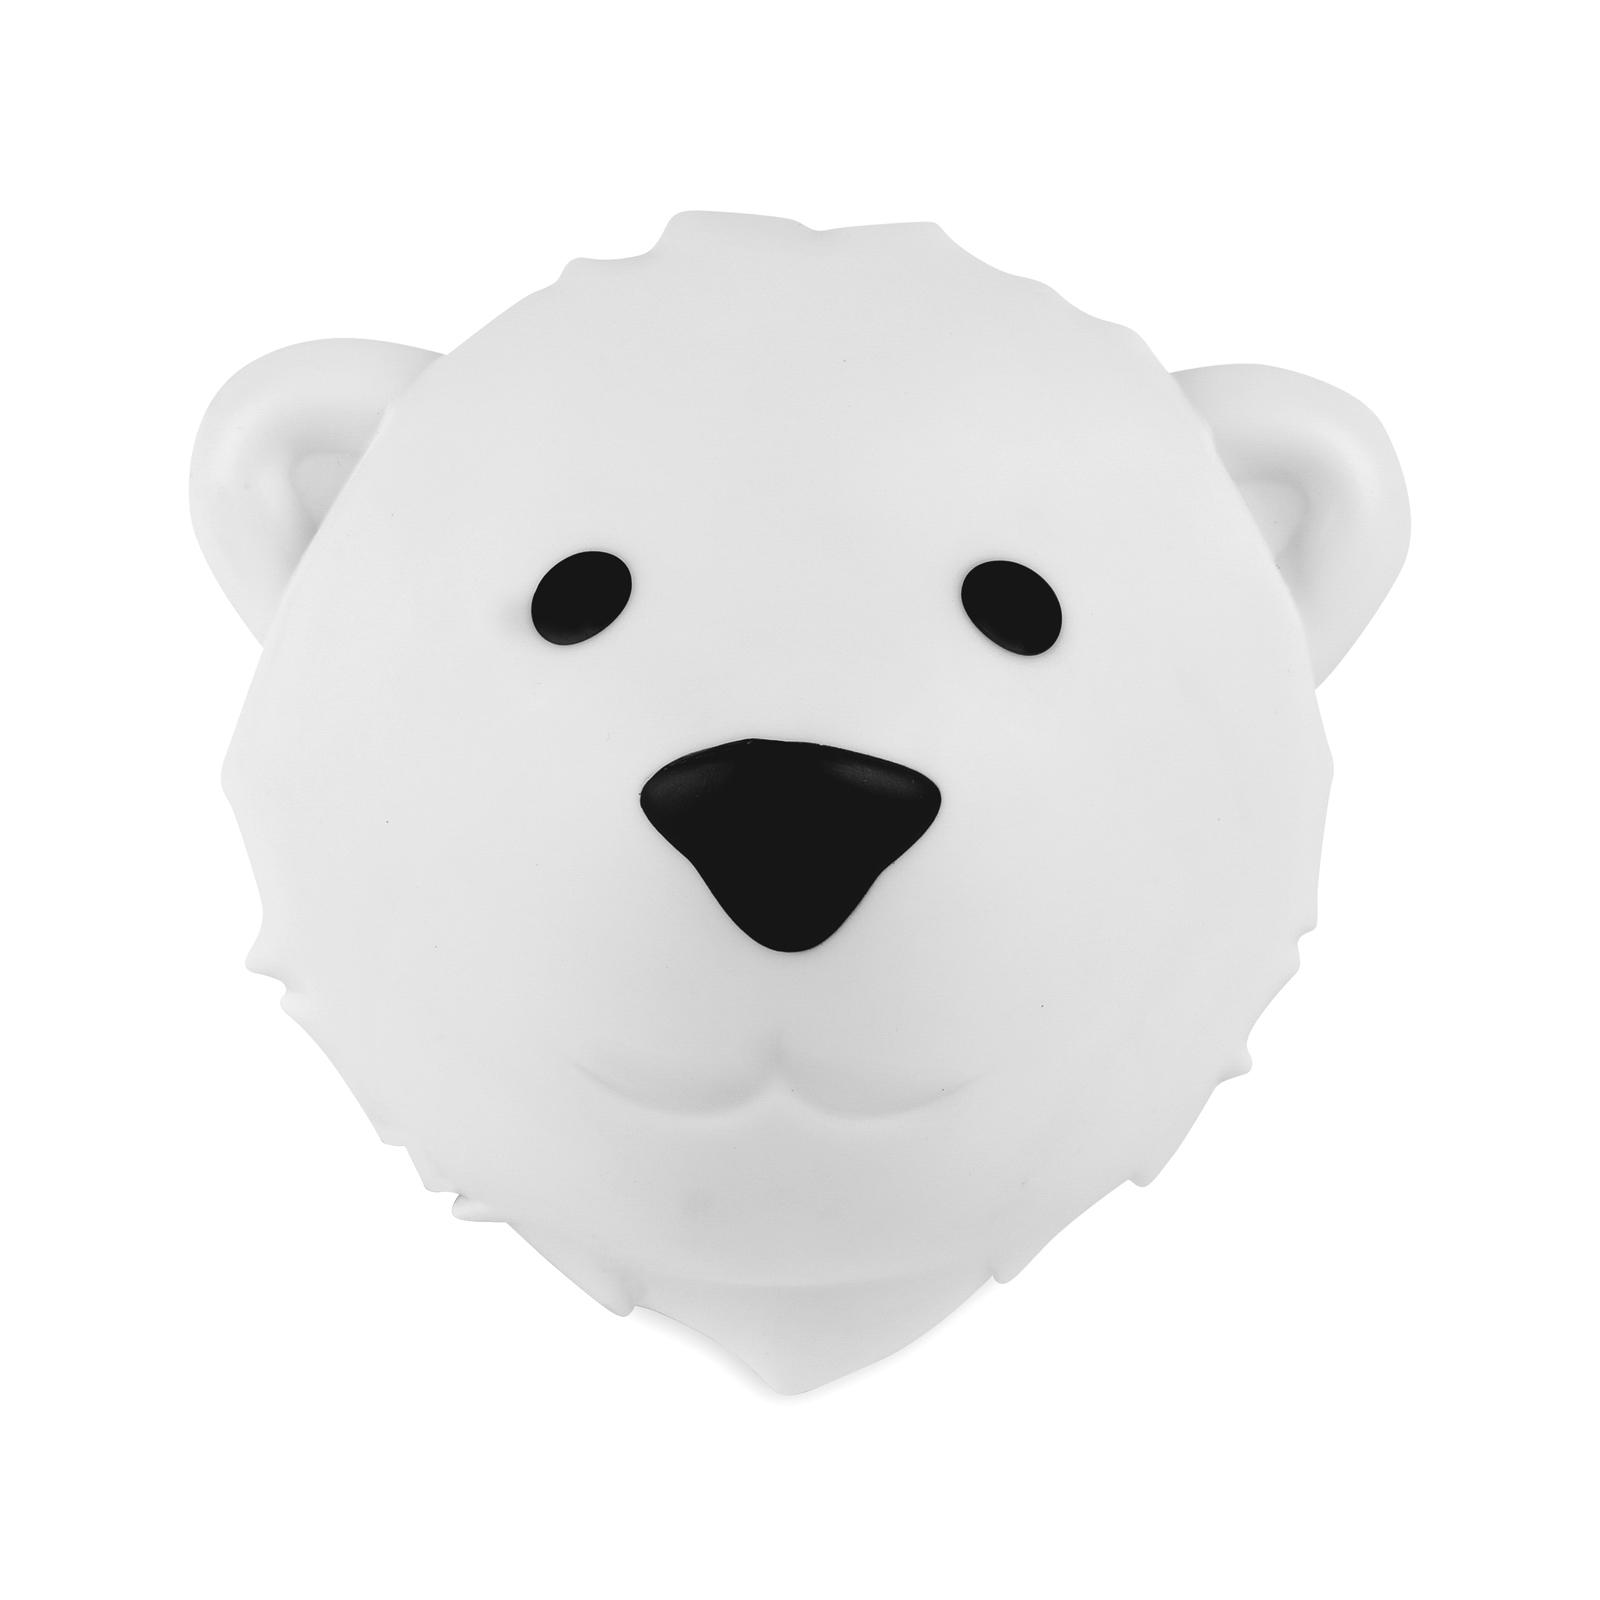 LED Wandlampe Nachtlicht Eisbär Björn 17 cm